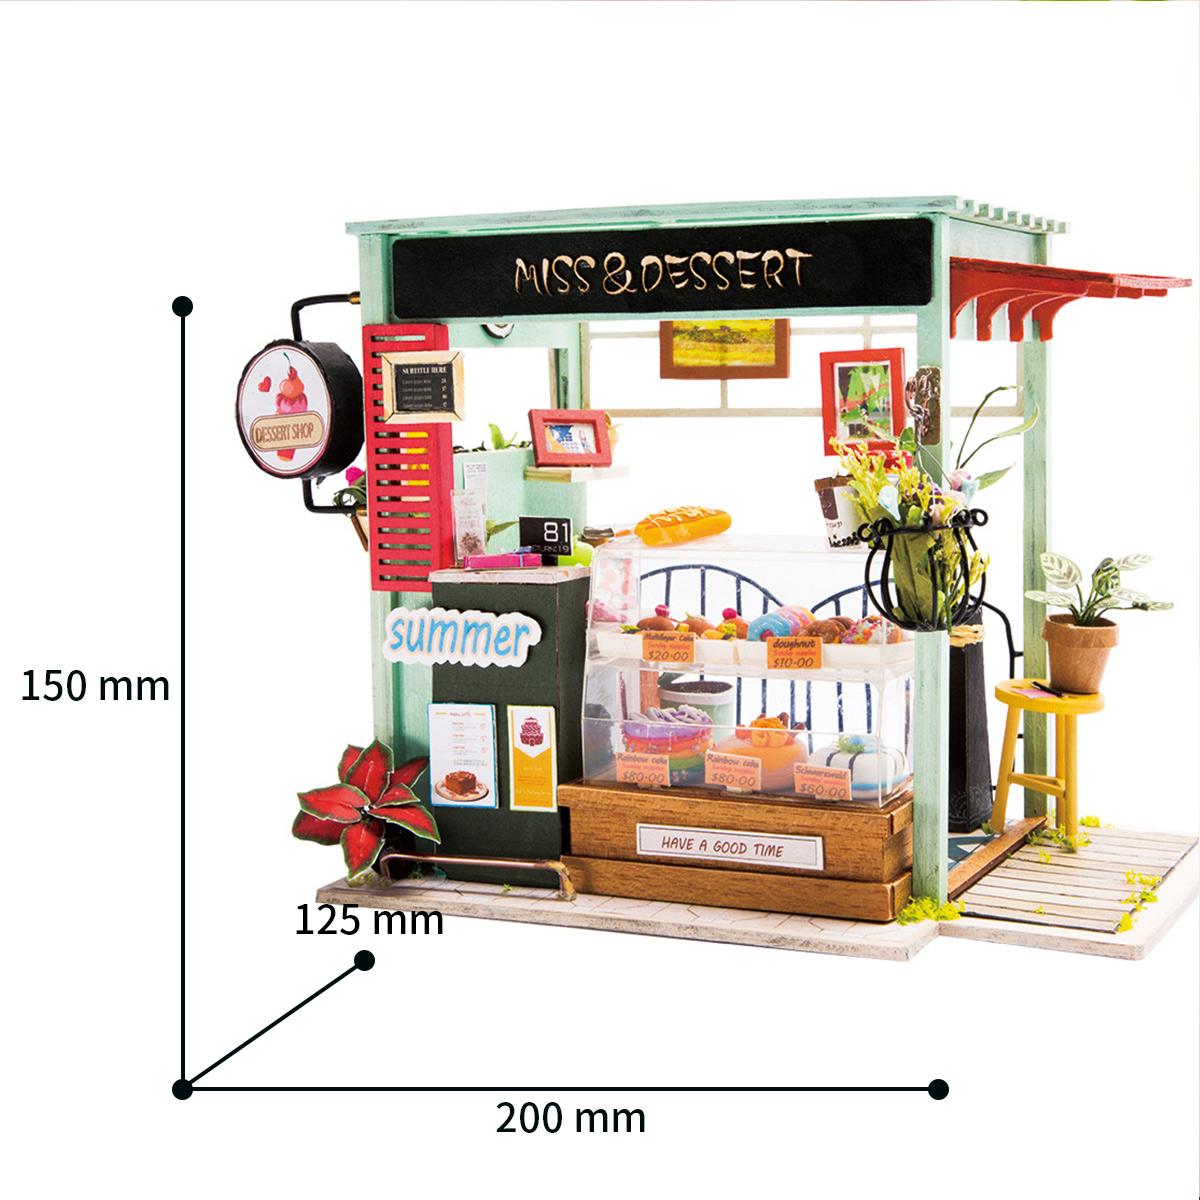 Dessert Shop DGM06 - Robotime Store